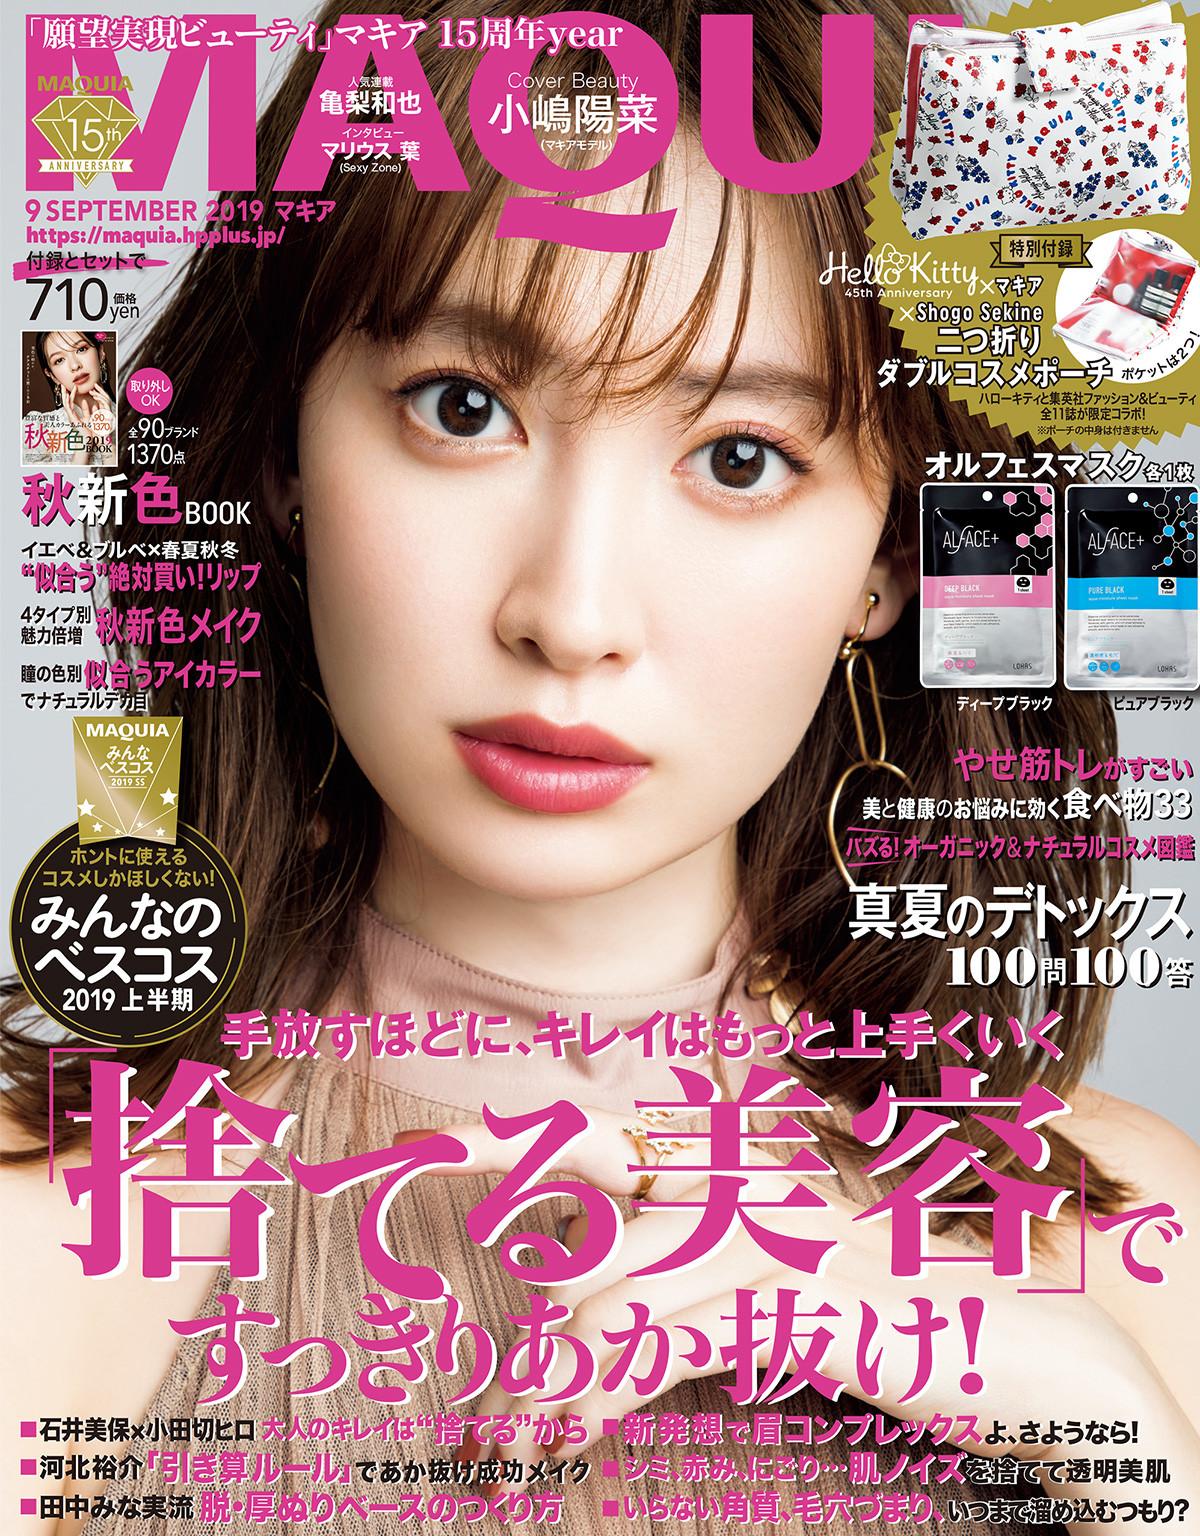 マキア9月号では「捨てる美容」を大特集! 大人気「みんなのベスコス2019上半期」も発表。表紙は小嶋陽菜さんです